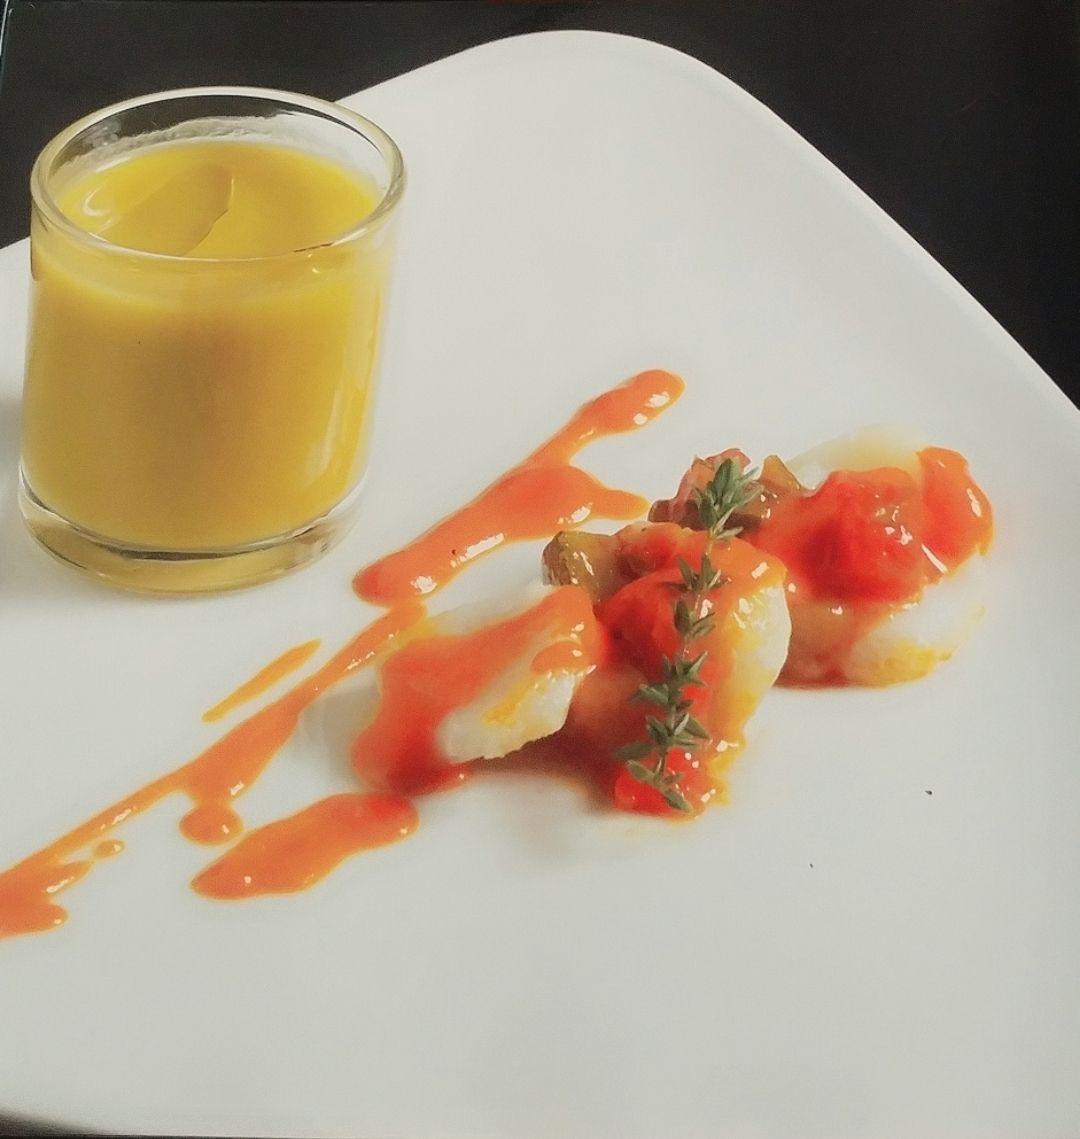 láminas de bacalao y pisto con aroma de pimiento del piquillo y chupito de verduras